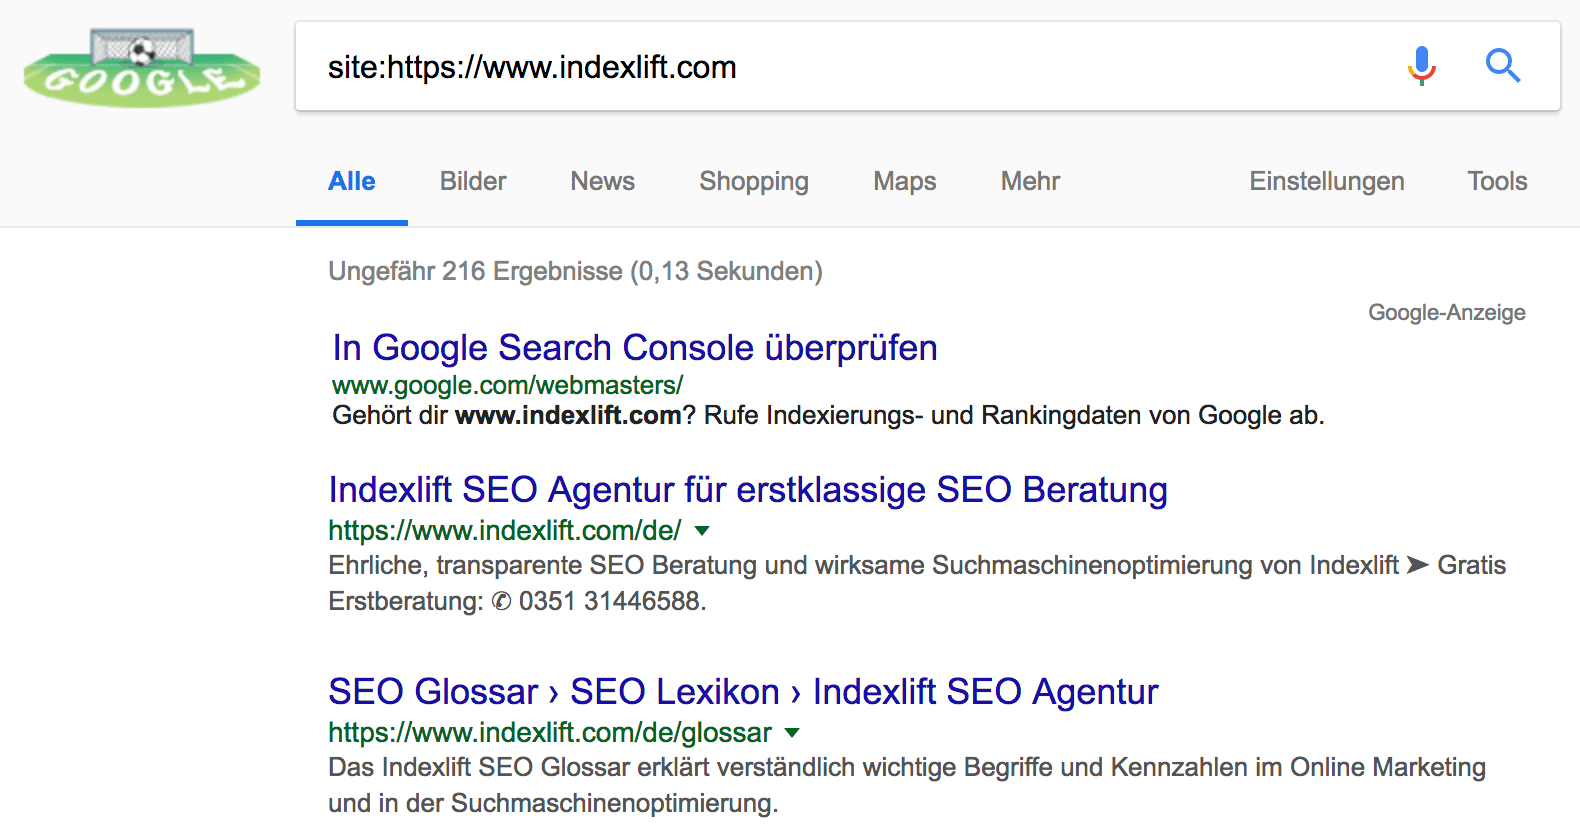 Beispiel für site-Suchoperator der Google Suche